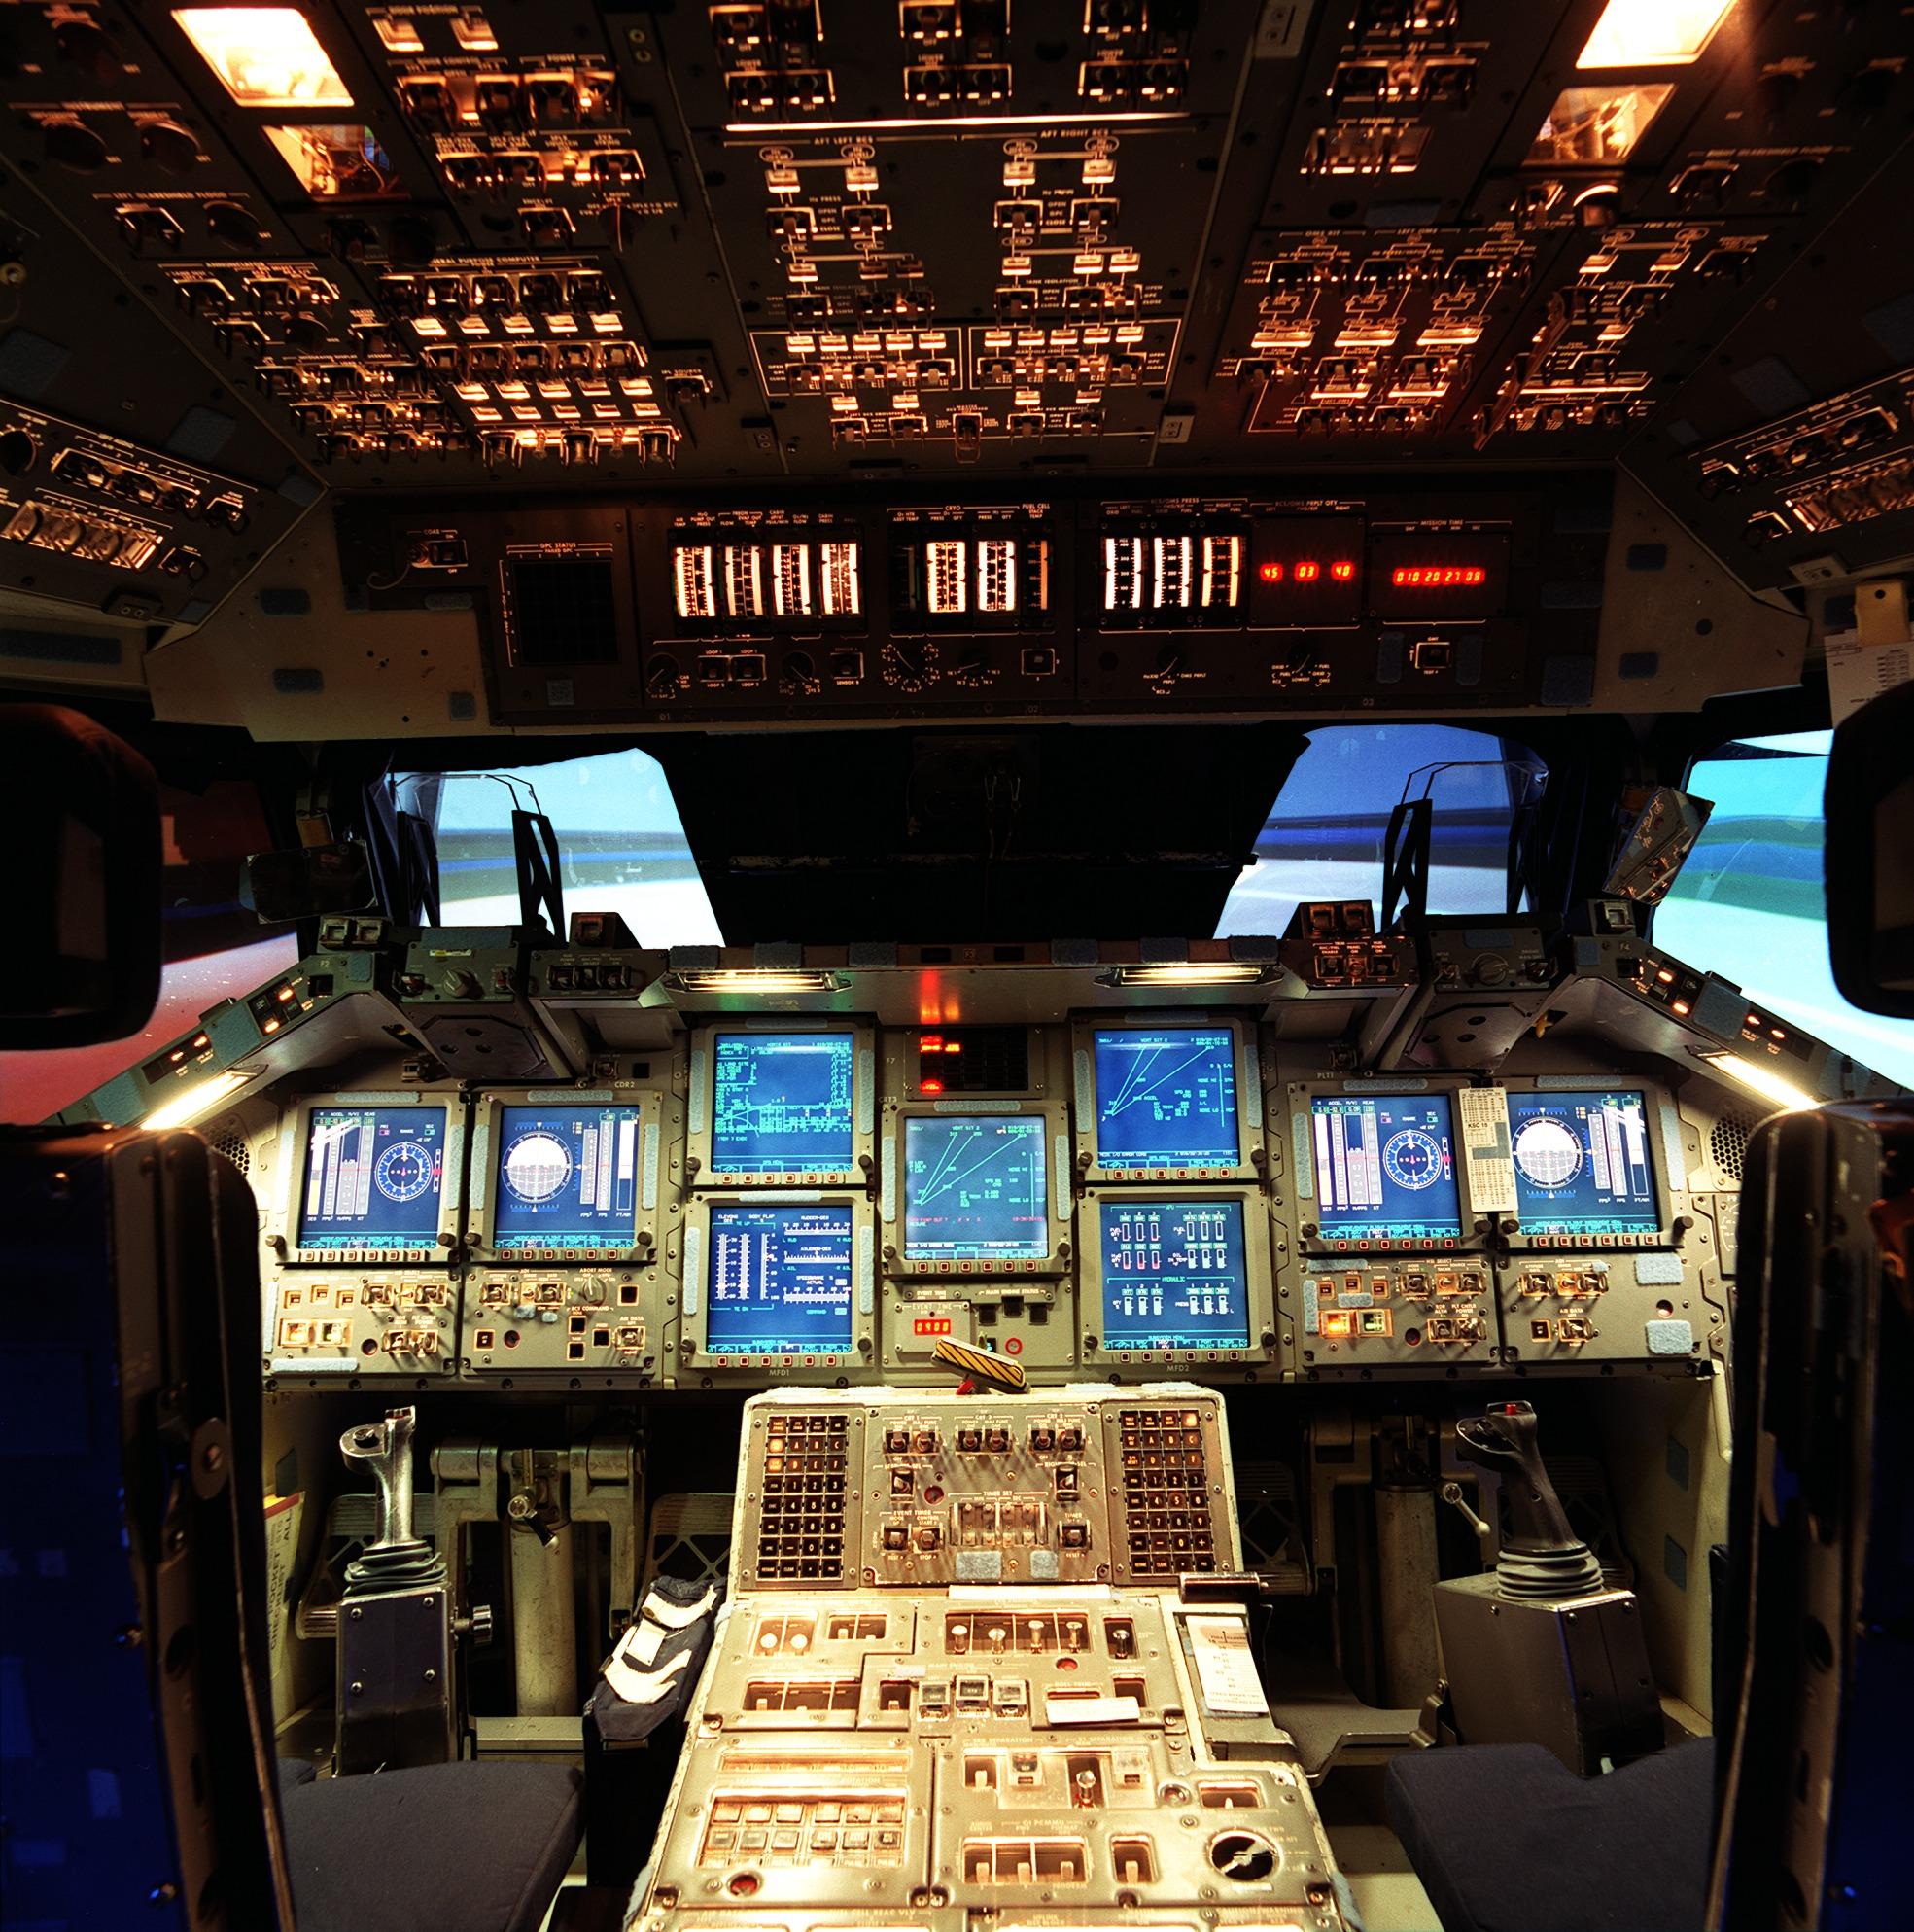 Das Cockpit eines Spaceshuttles